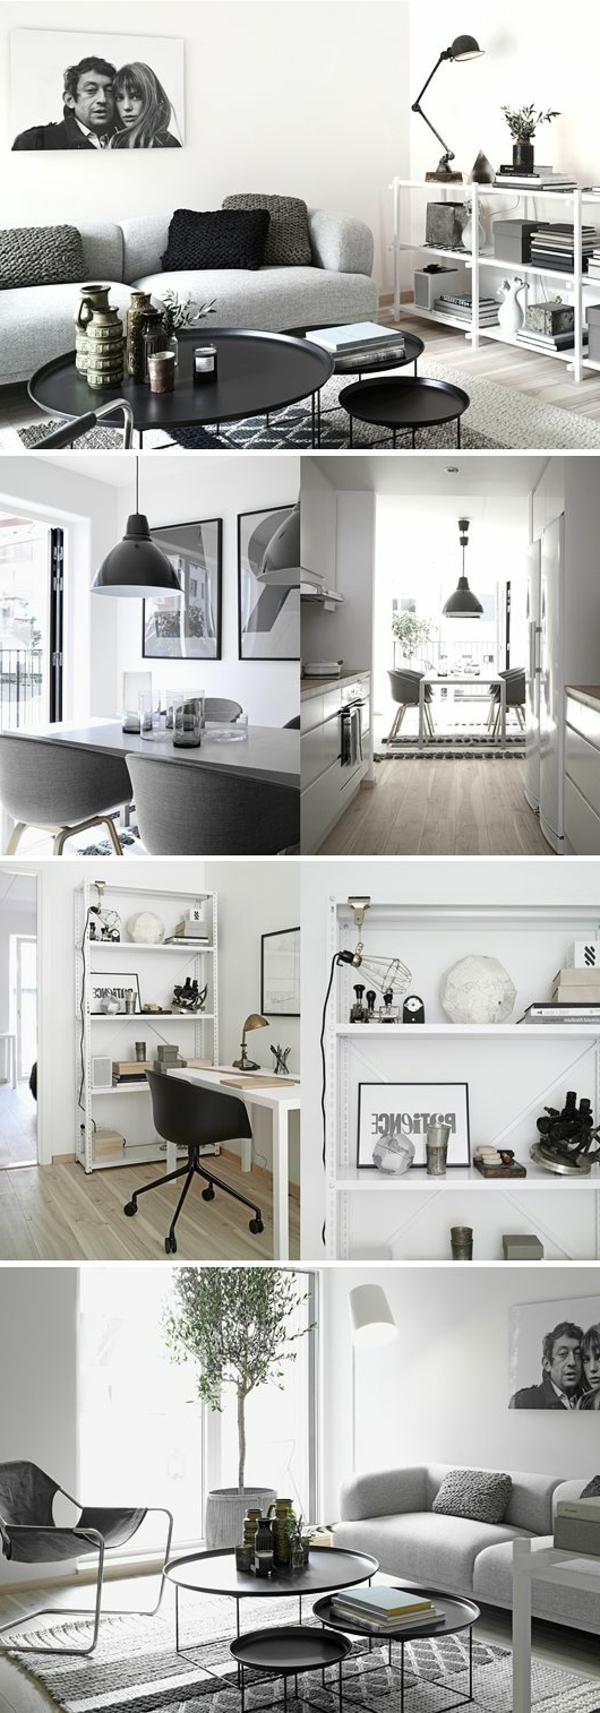 gestaltungsmöglichkeiten-für-wohnzimmer-viele-schöne-bilder